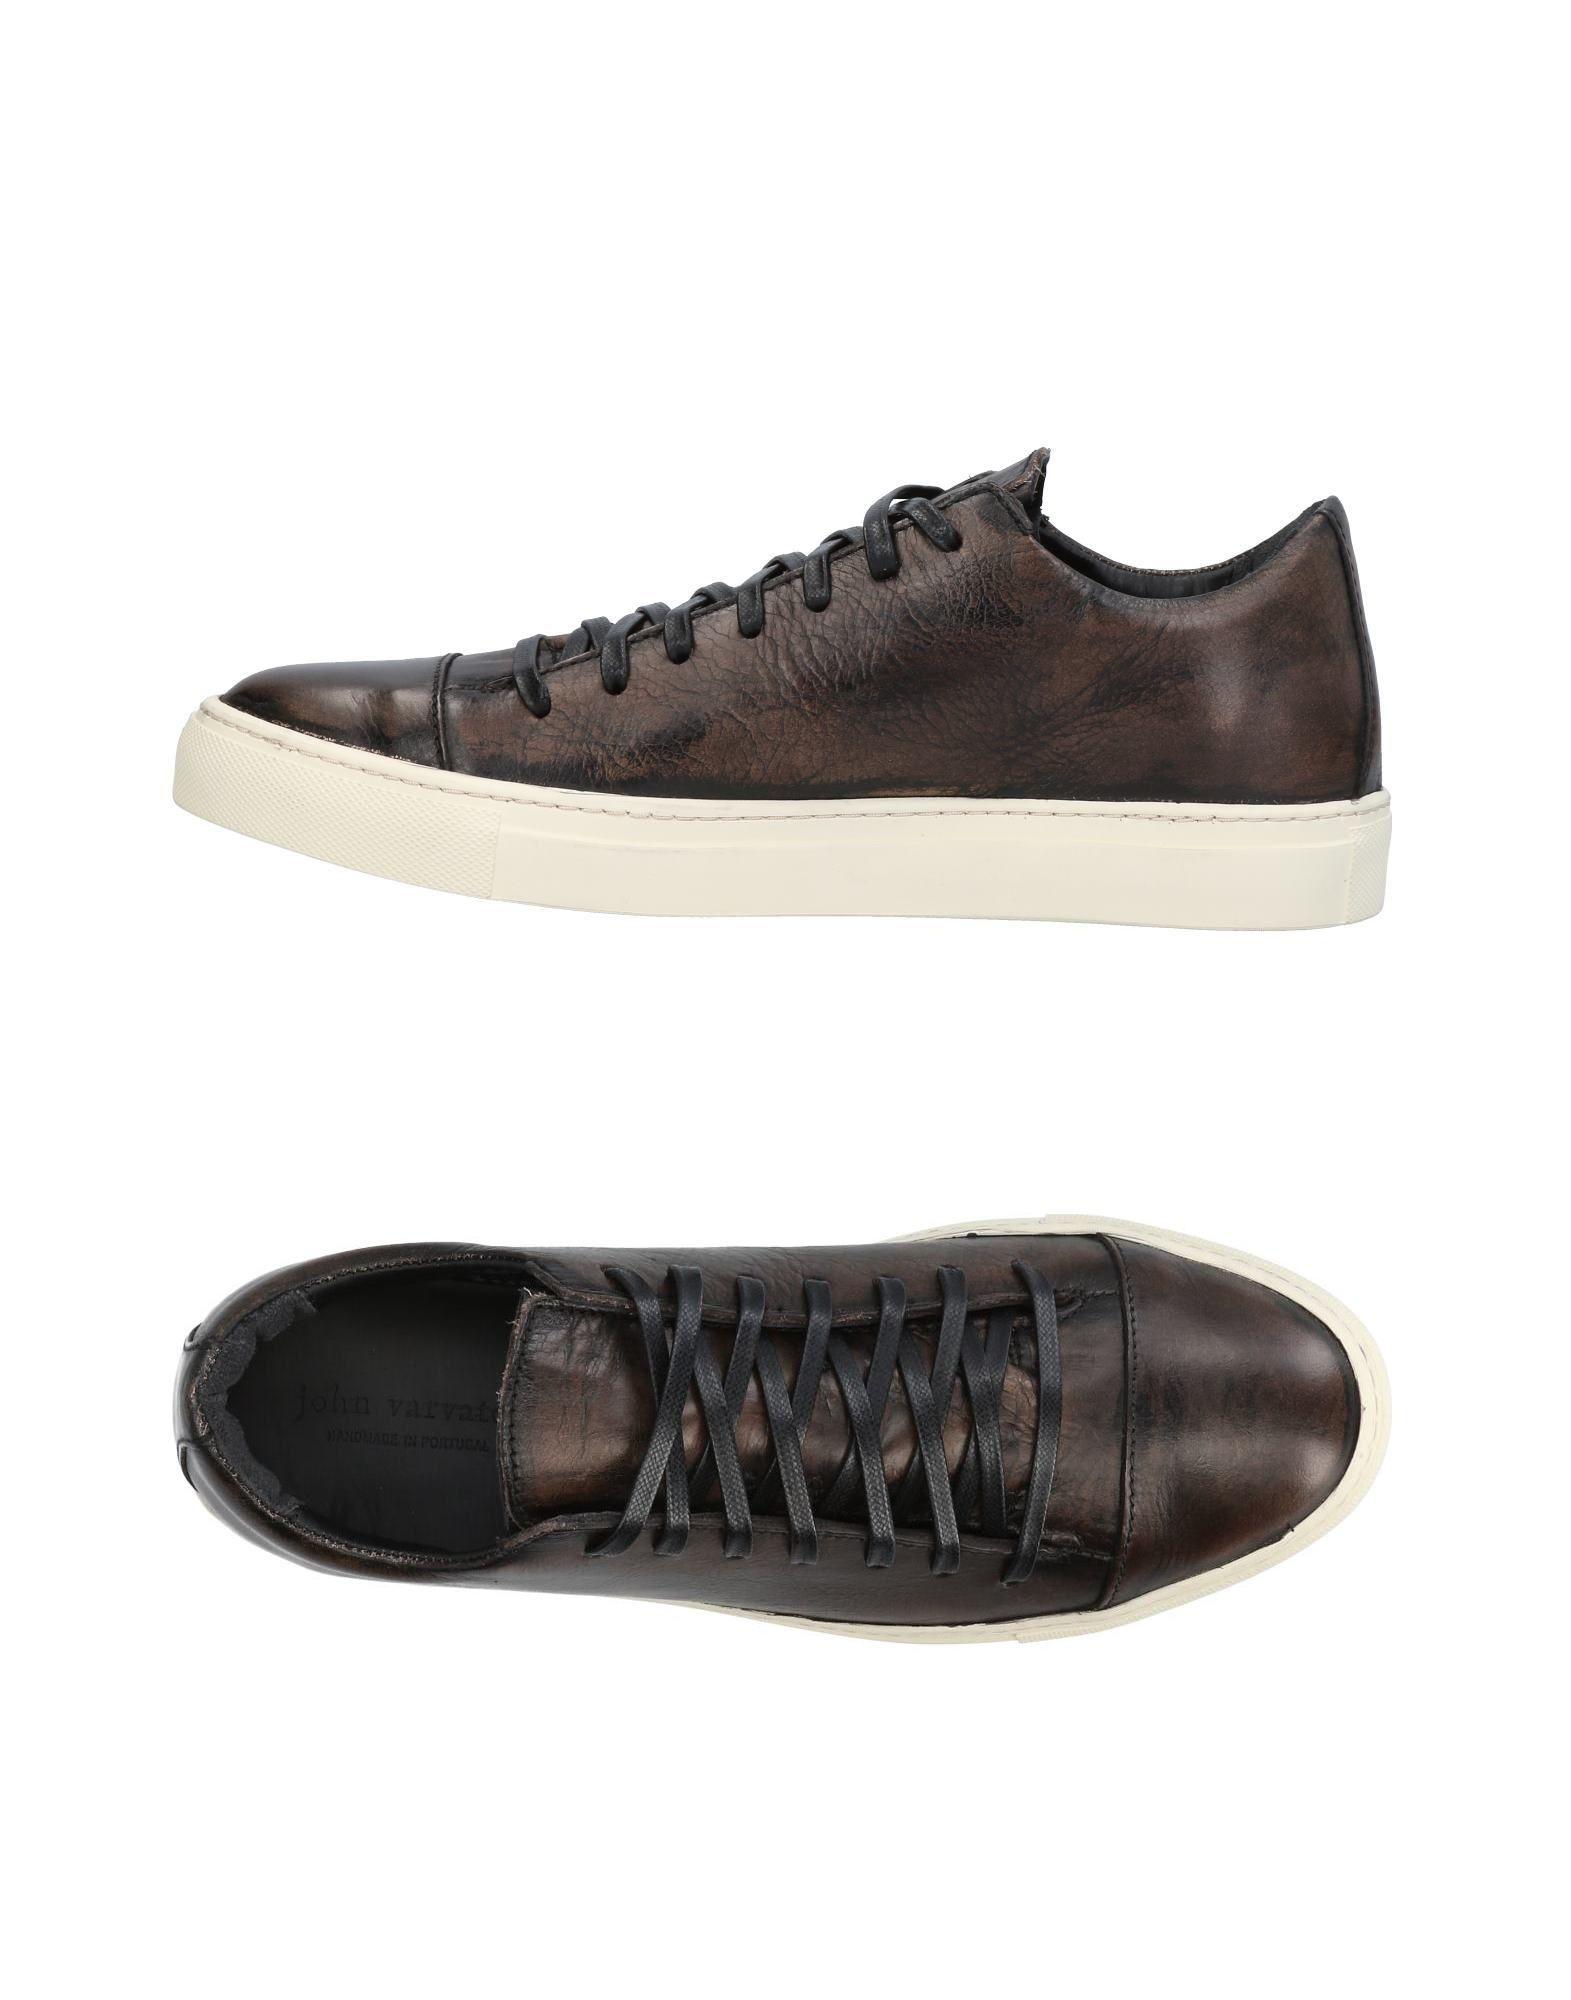 John Varvatos Sneakers Herren  11440101NV Gute Qualität beliebte Schuhe